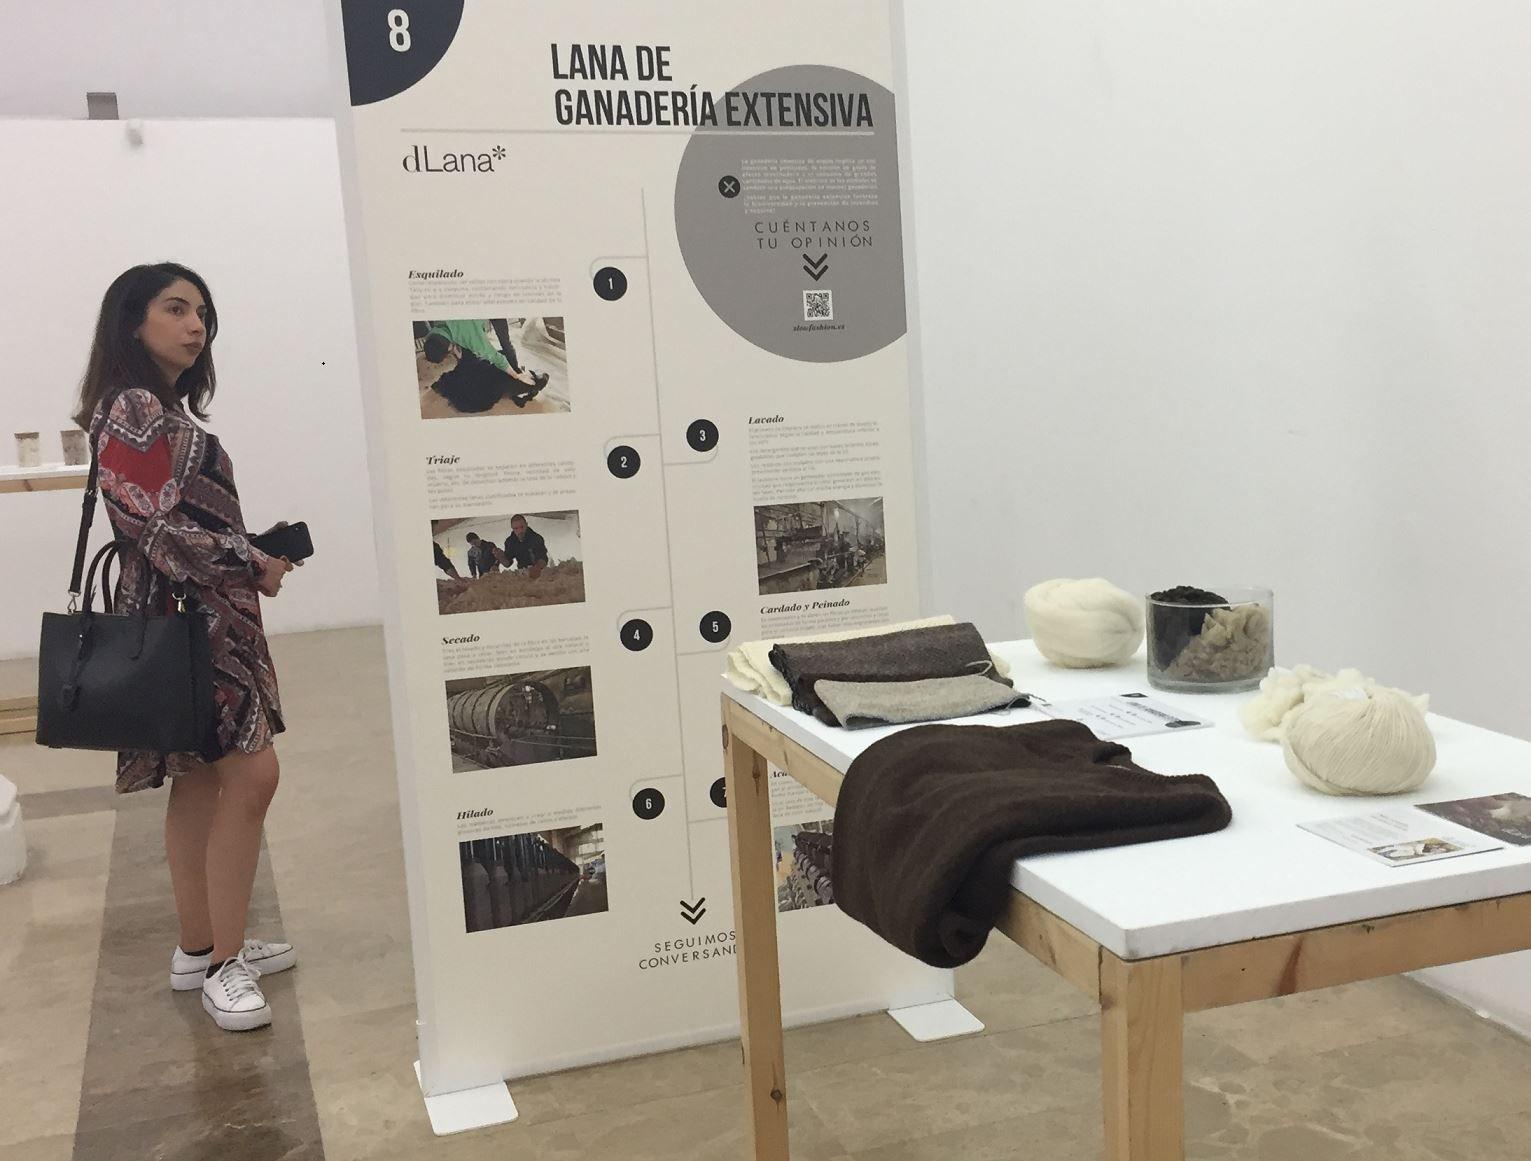 Foto de La exposición hace un recorrido por el ciclo de vida y usos